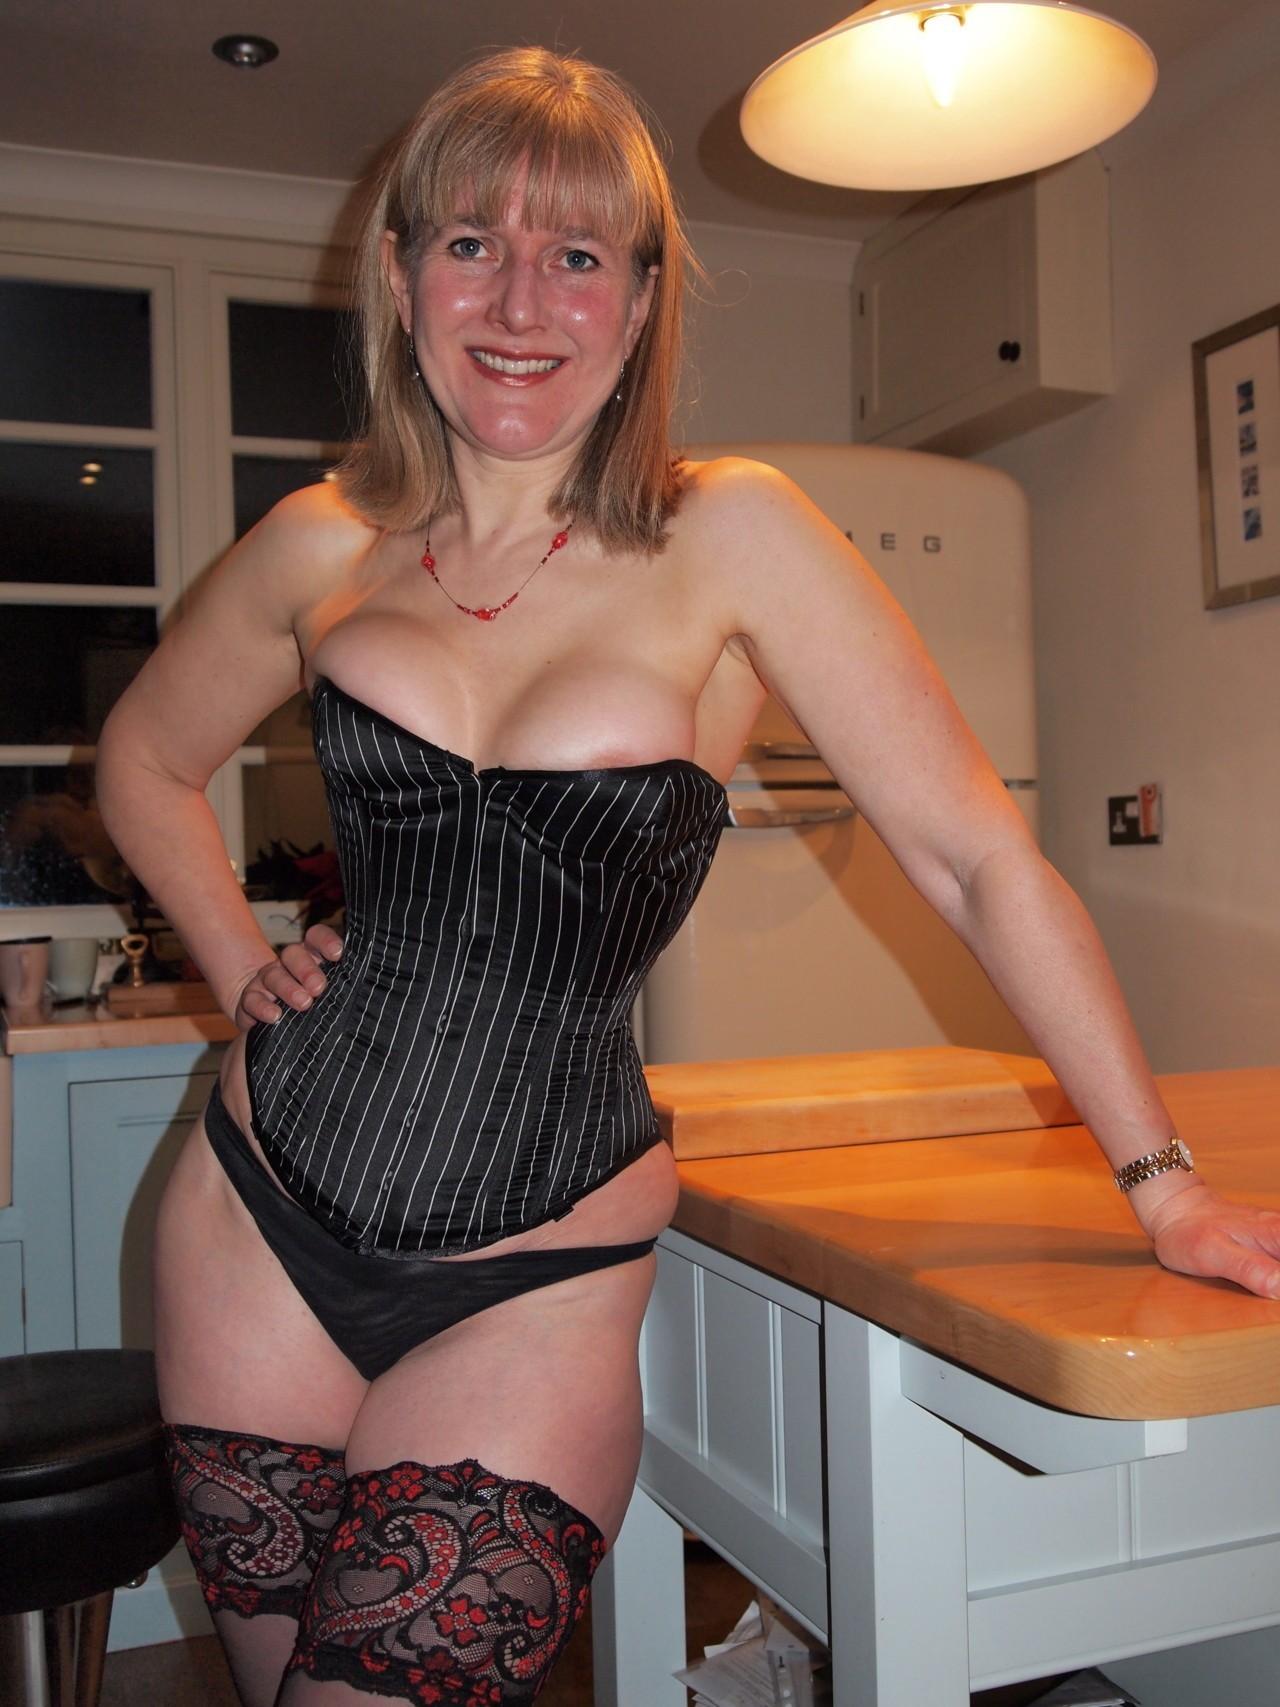 Photo et rdv sexe porno avec épouse infidèle du 19